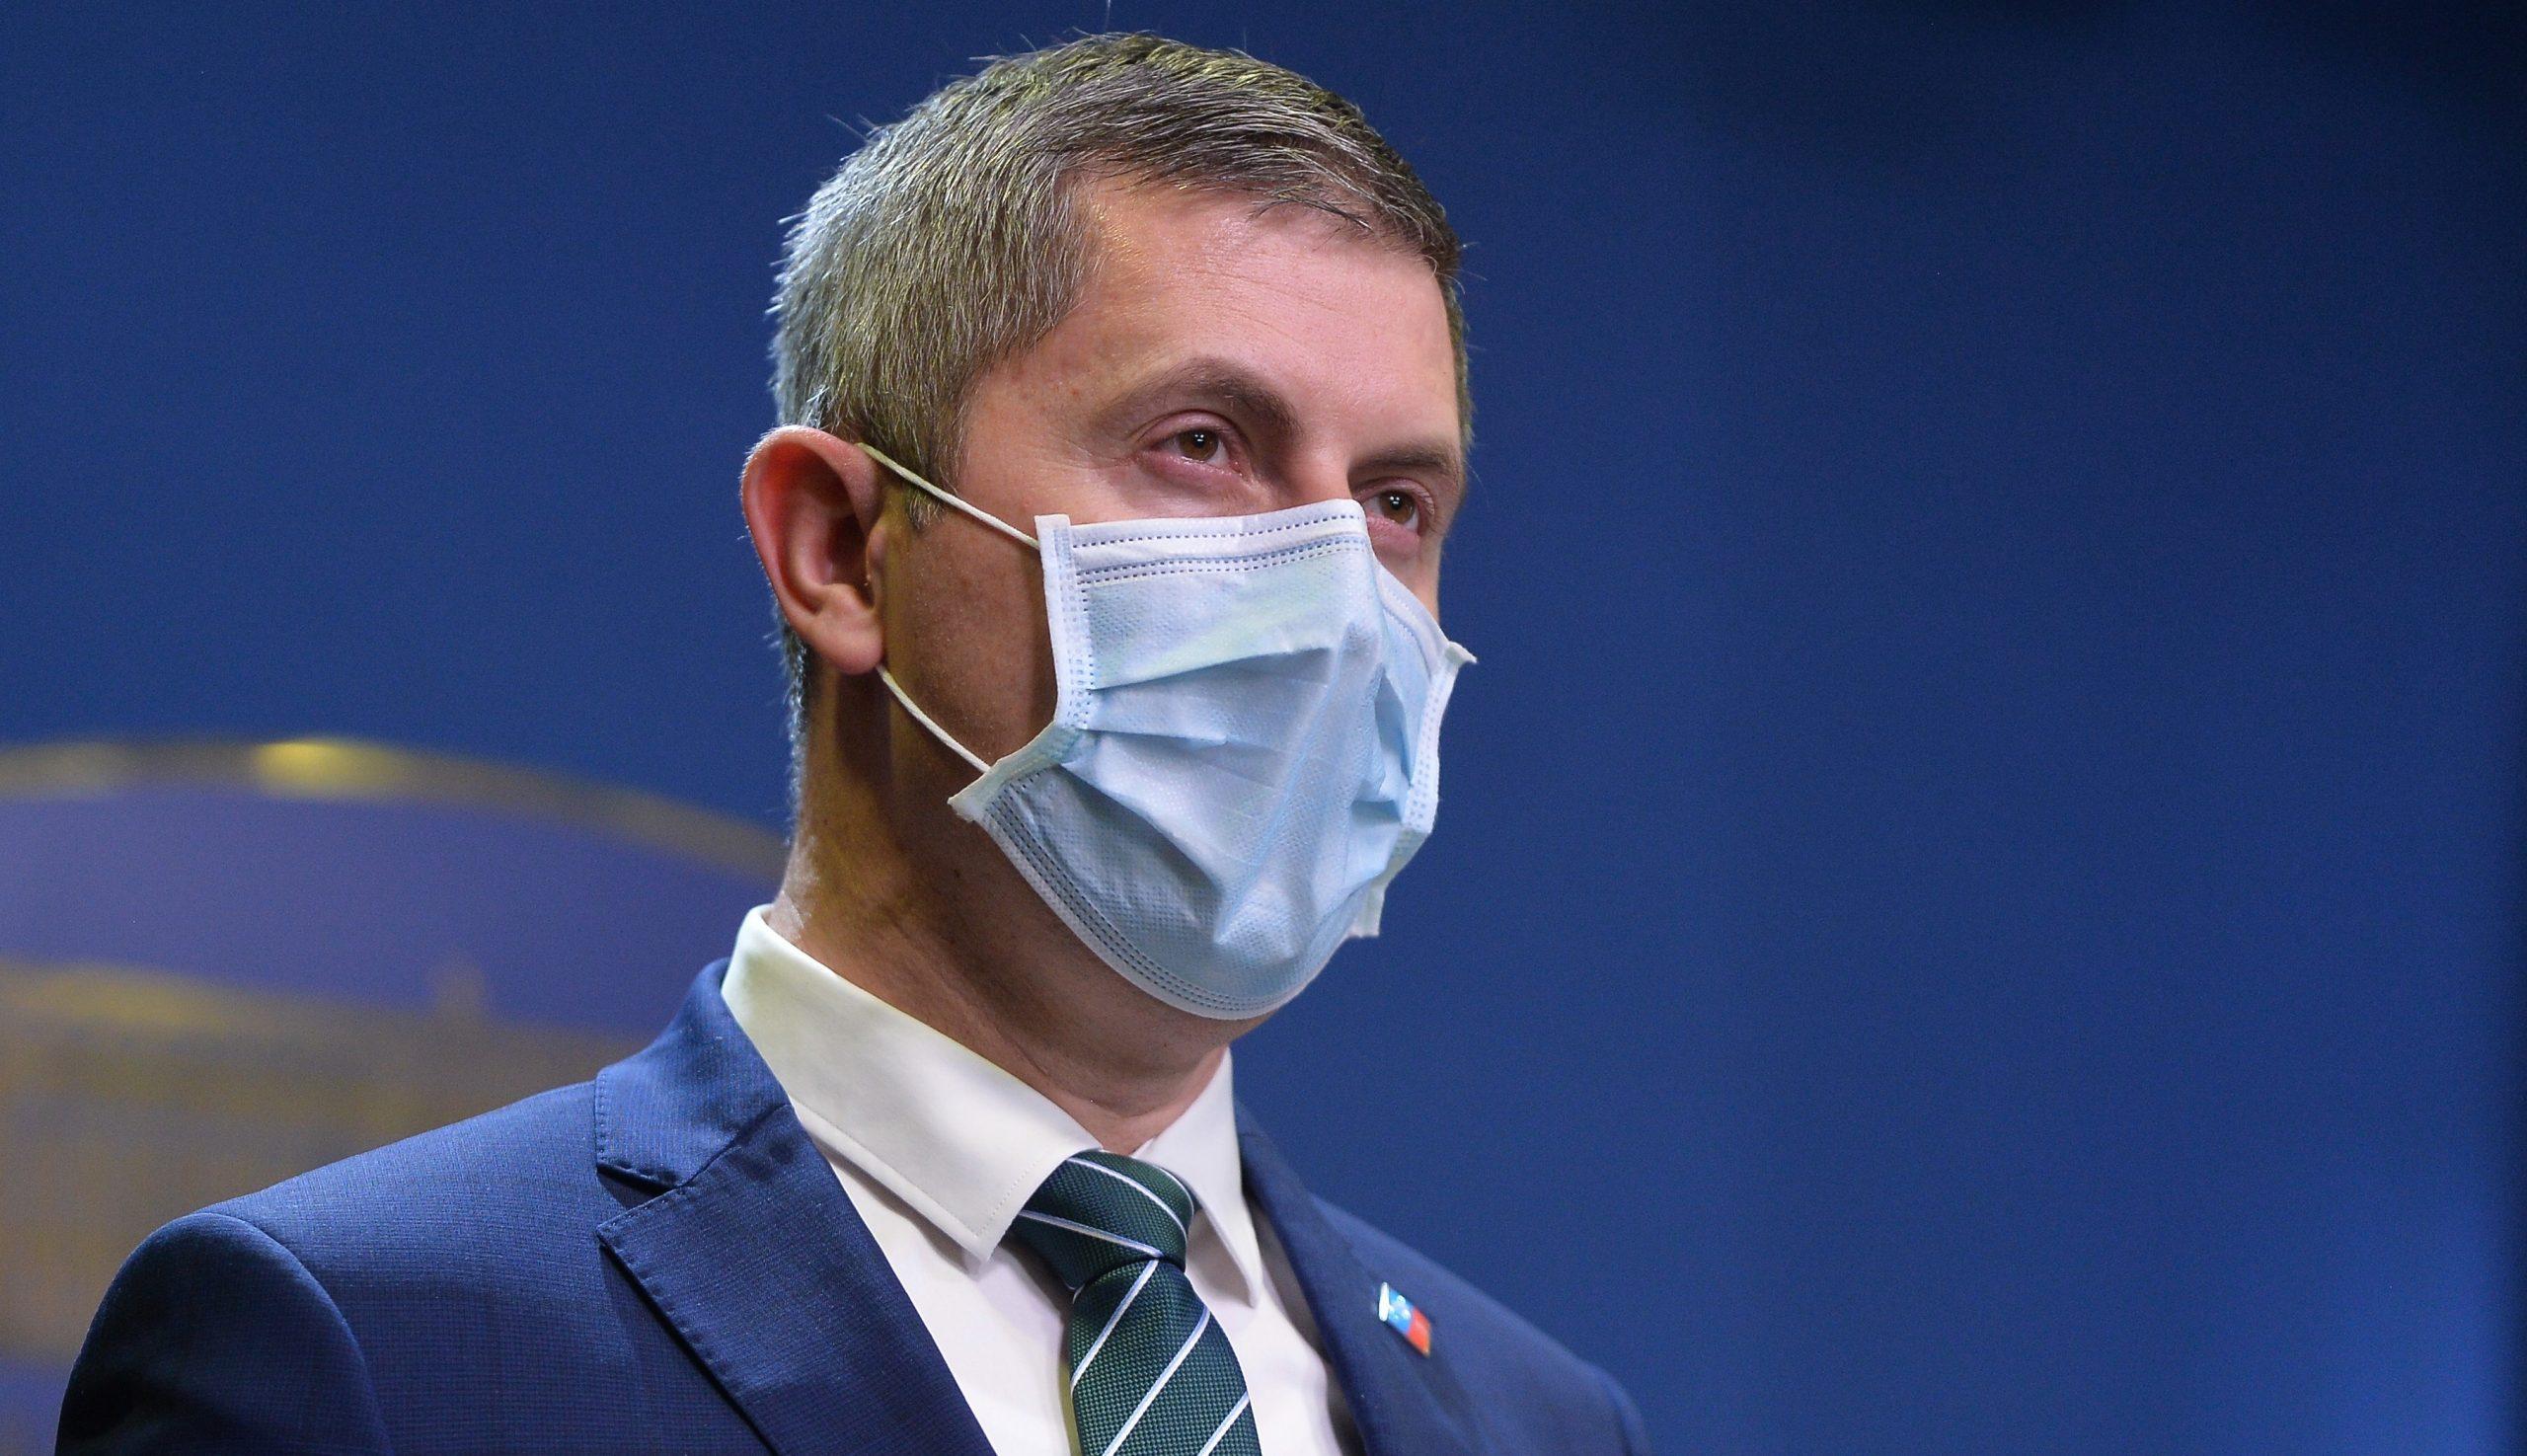 """Alianța USR PLUS cere demiterea premierului Cîțu. Dan Barna: """"L-a demis unilateral pe Vlad Voiculescu, fără nicio evaluare"""""""